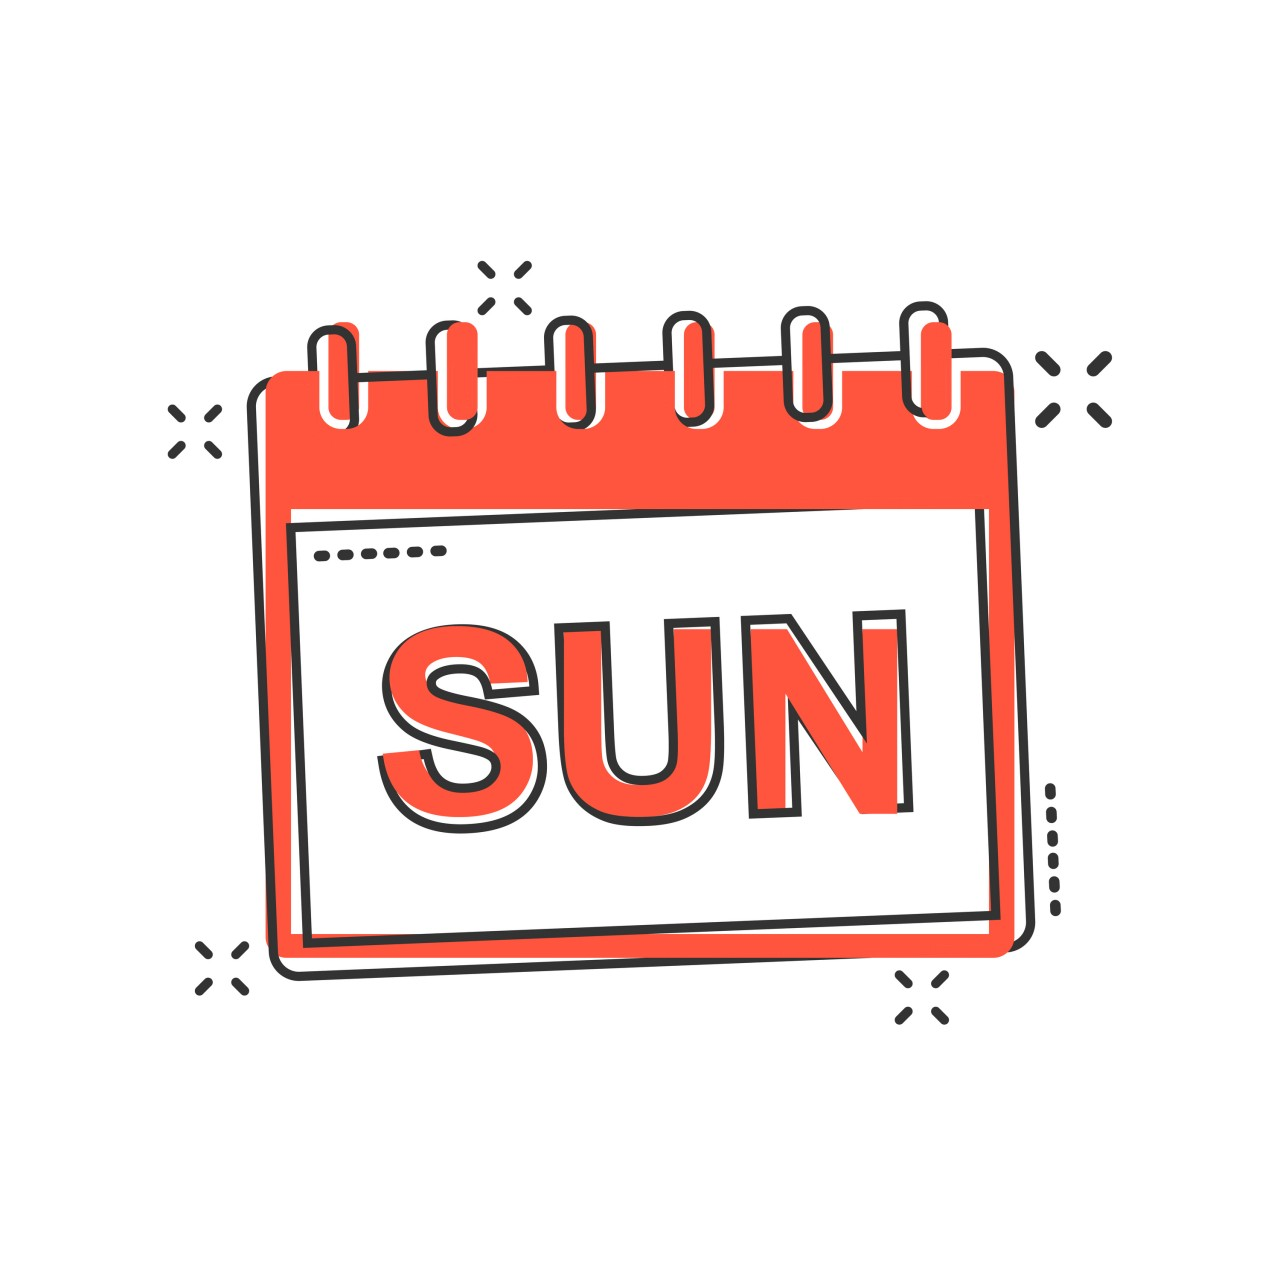 Sword & trowel: Is Sunday still special?